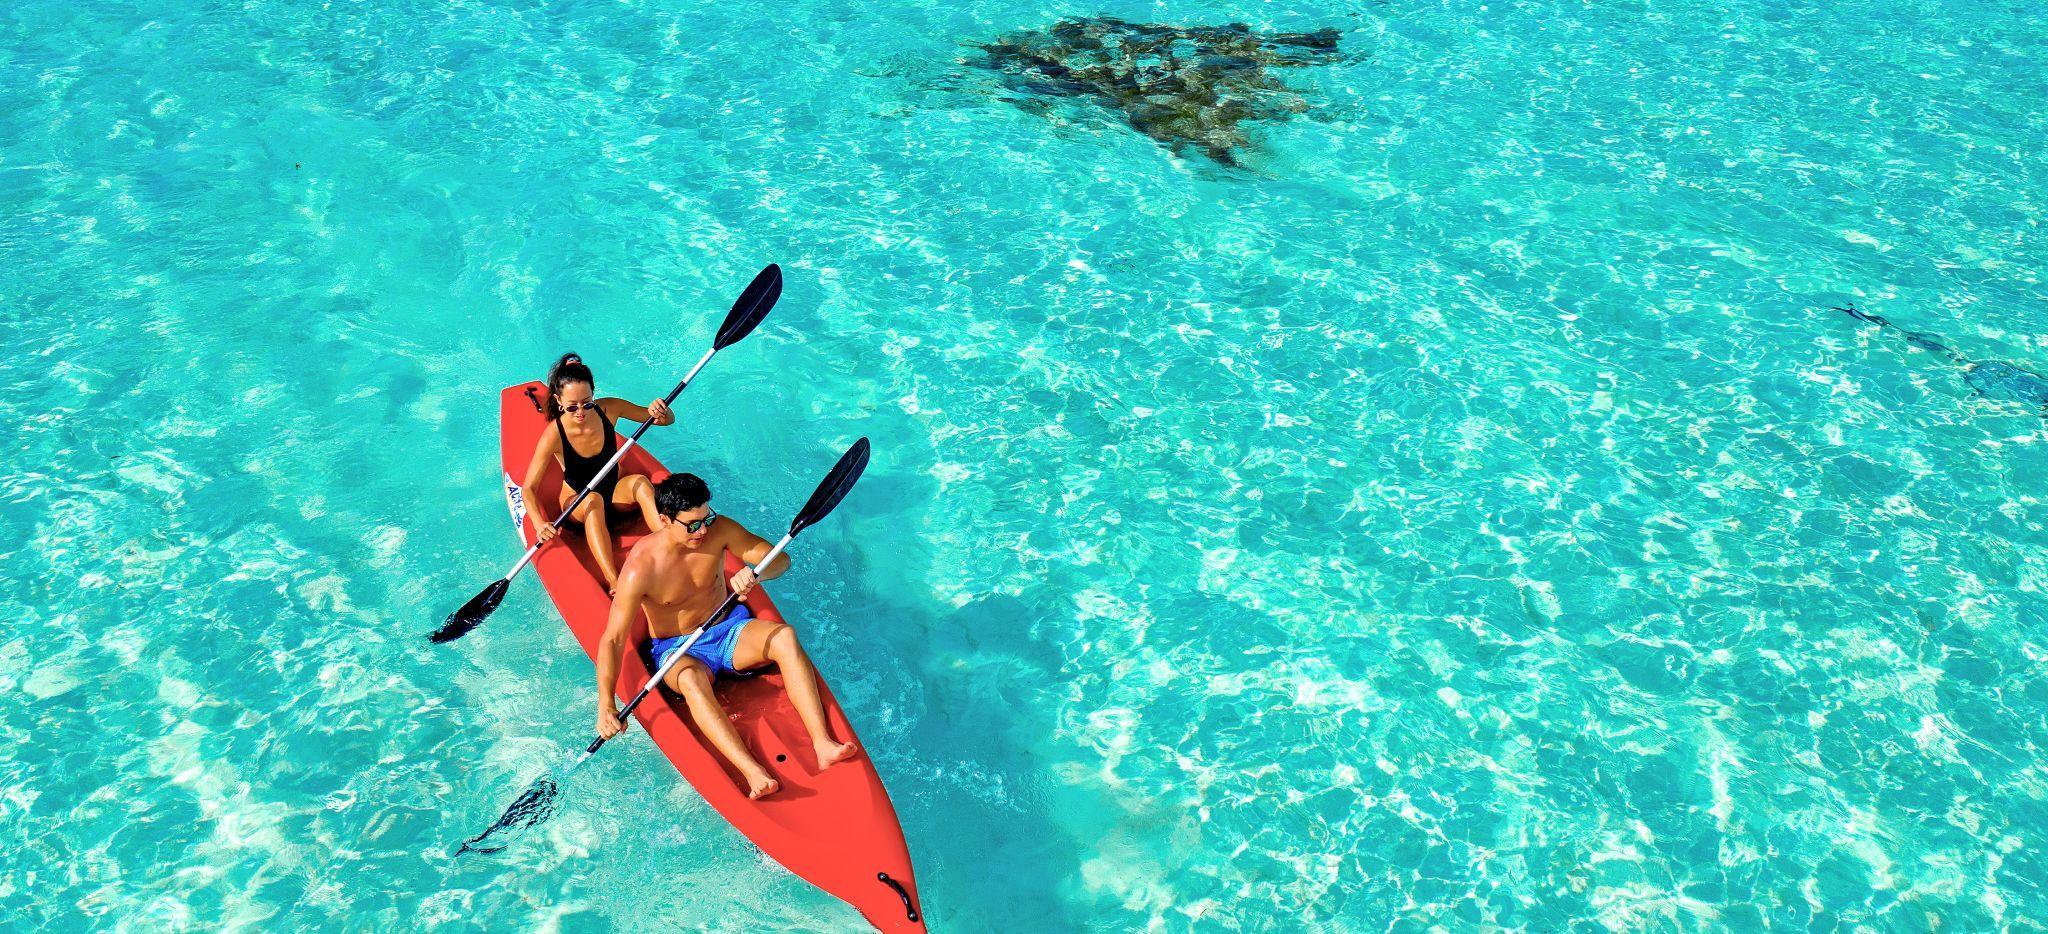 Ein Paar in einem Kajak im flachen, türkisblauen maledivischem Meer